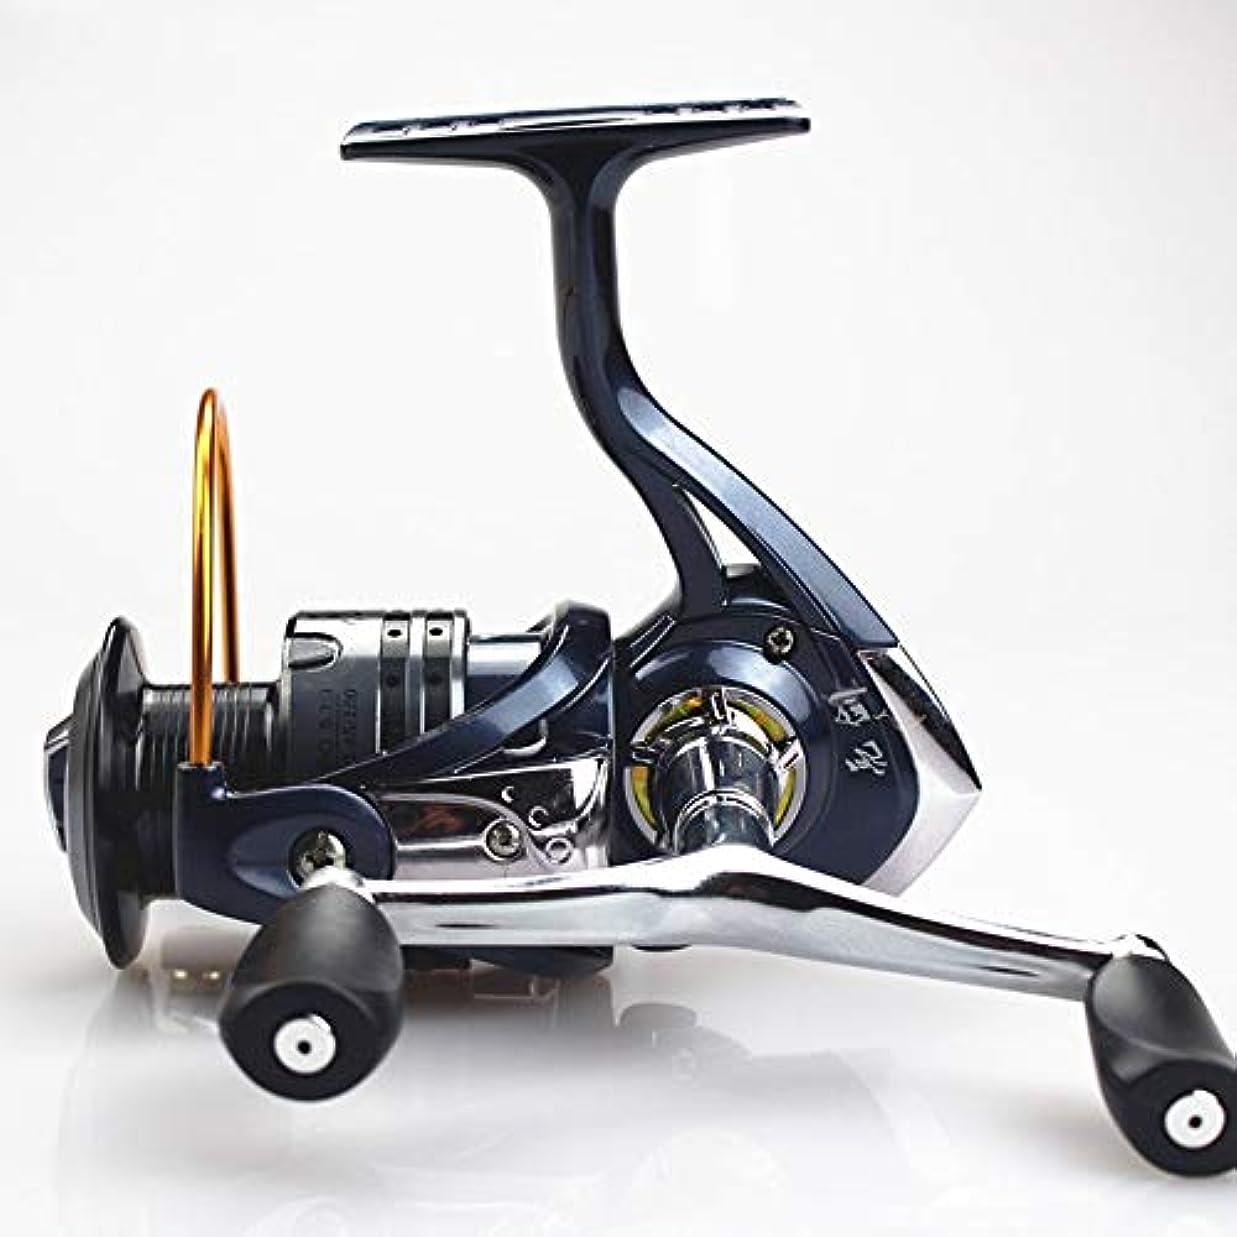 閉じ込める冷淡なさようならHOHYLLYA 釣りリールスピニングホイール釣り糸ラウンド鯛釣り用品 (Size : LQ6000(12+1))